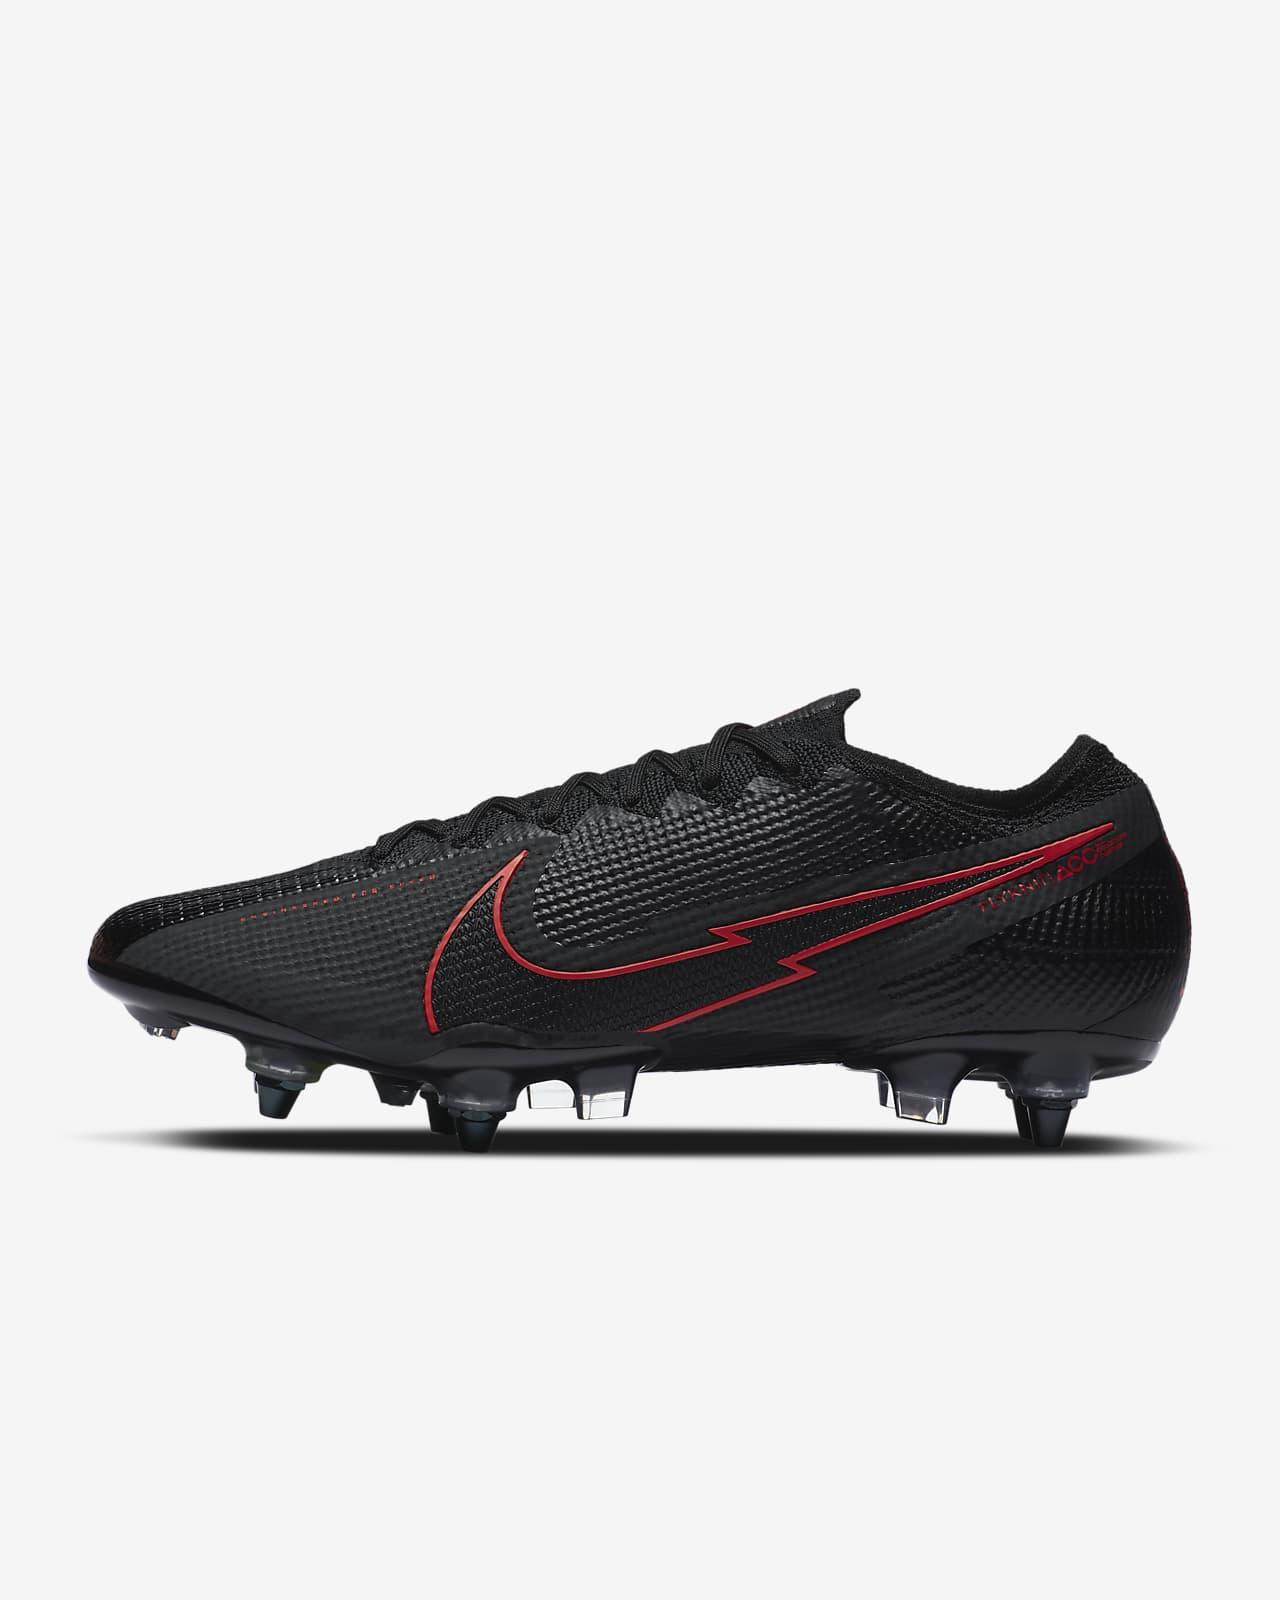 Nike Mercurial Vapor 13 Elite SG-PRO Anti-Clog Traction Fußballschuh für weichen Rasen